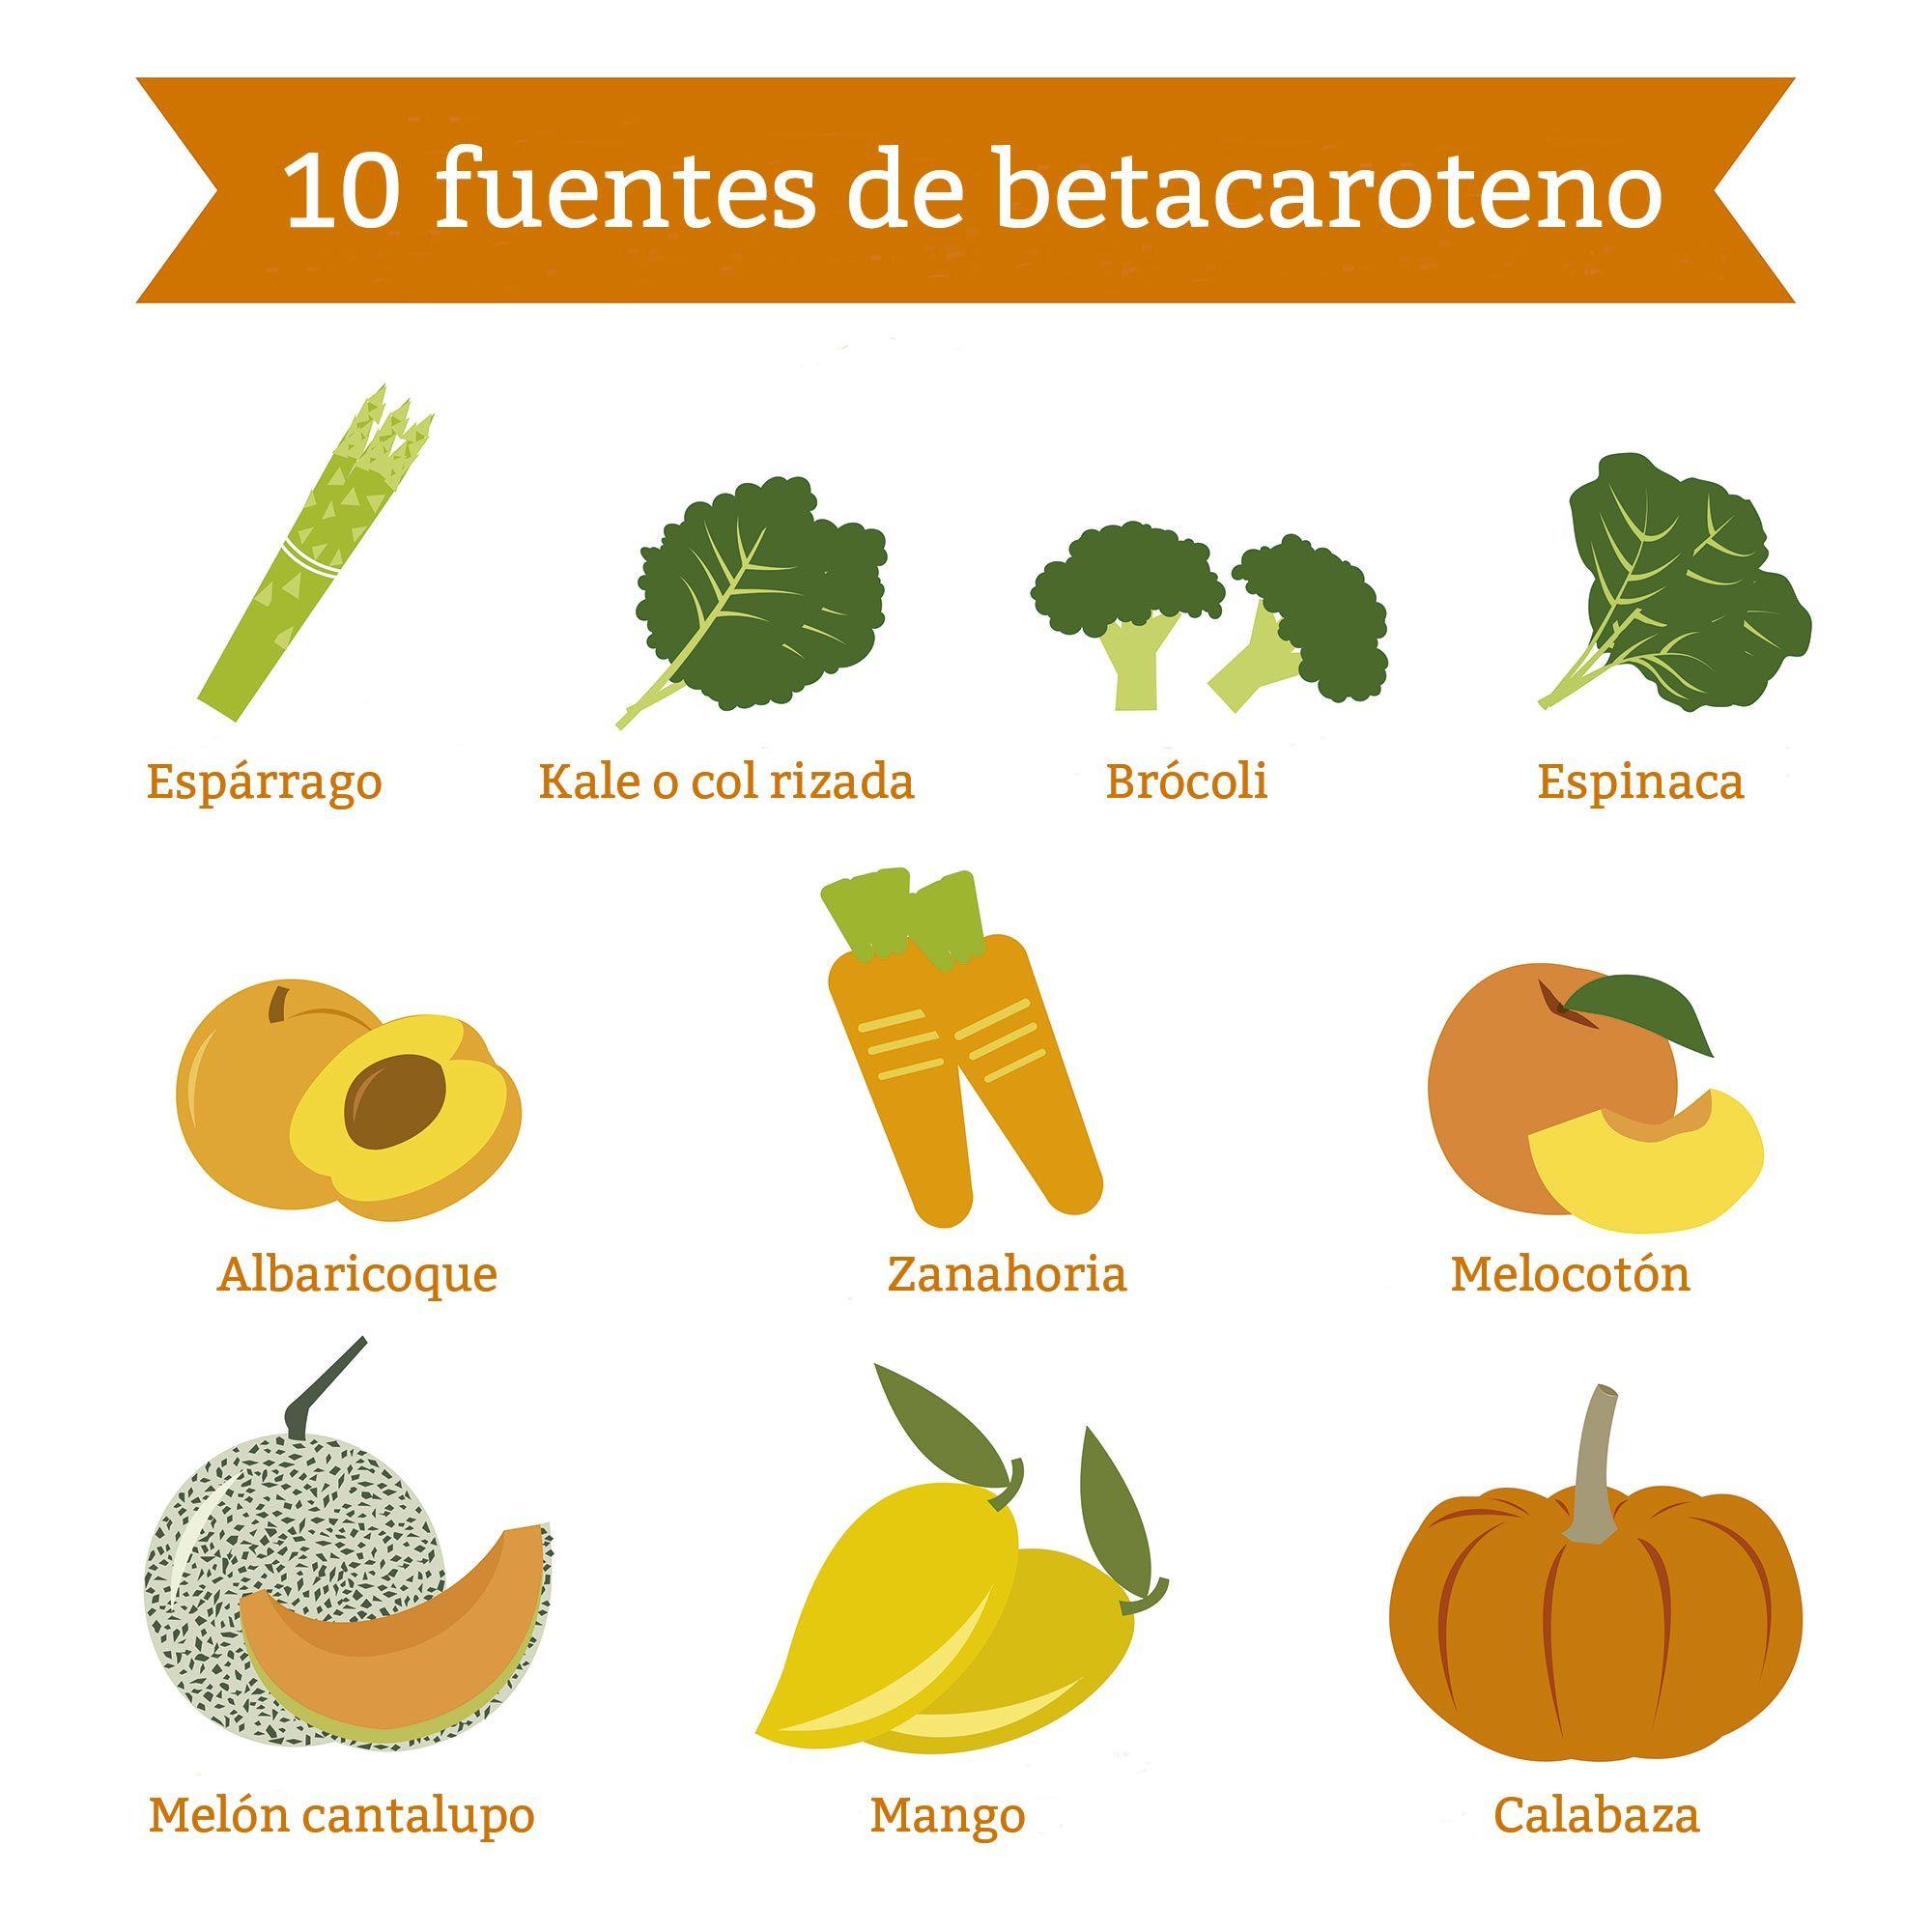 alimentos fuente betacaroteno